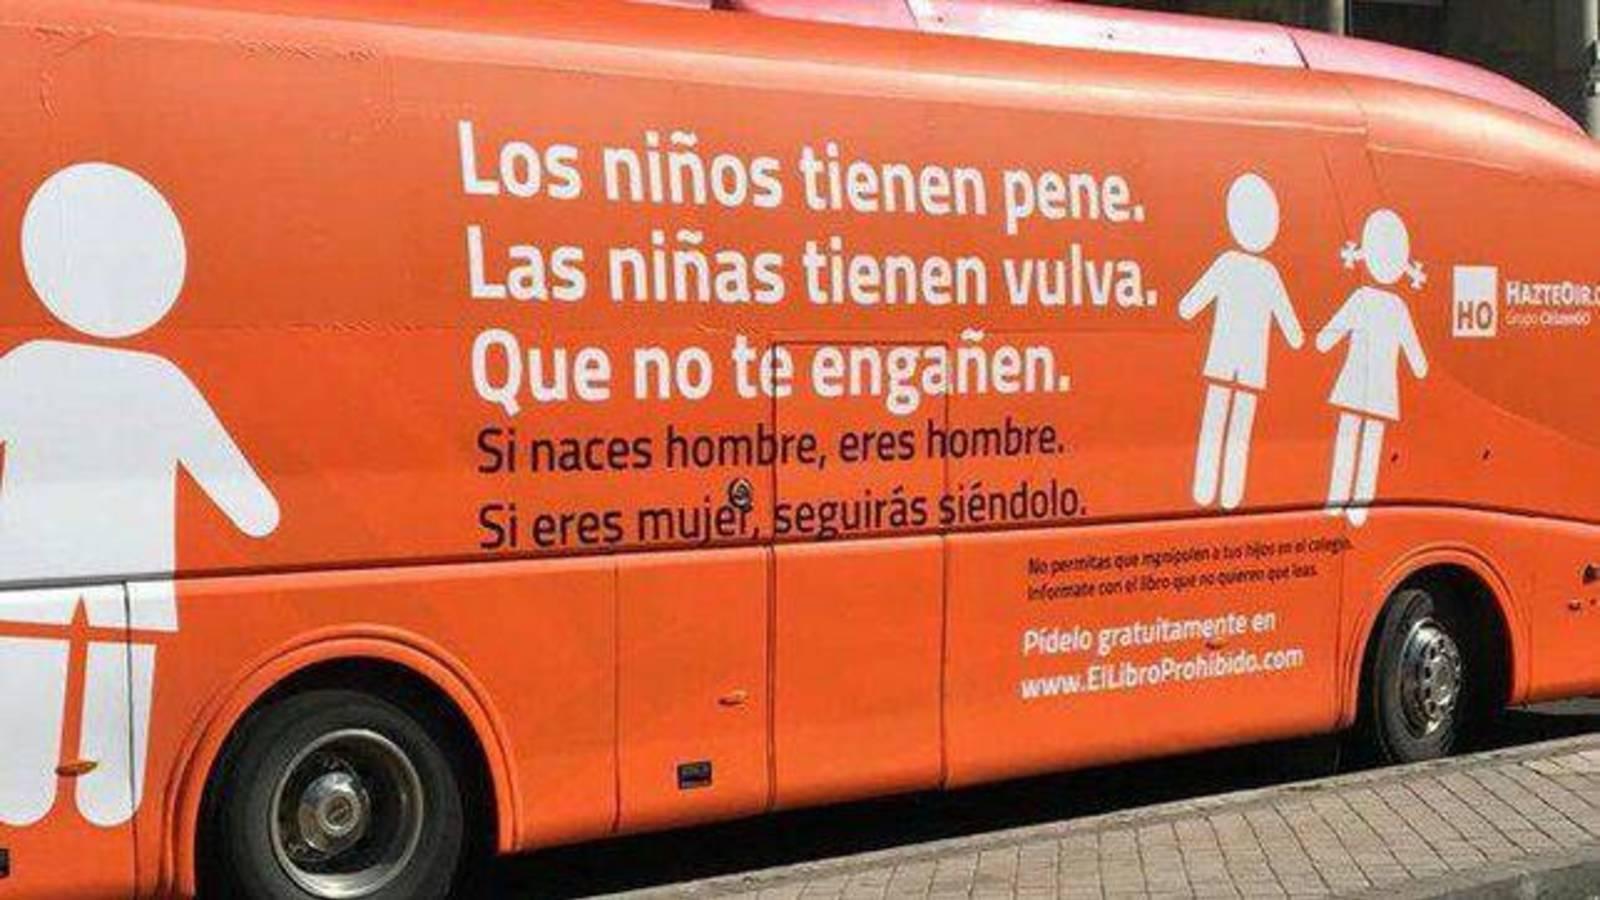 El autobús del verdadero odio